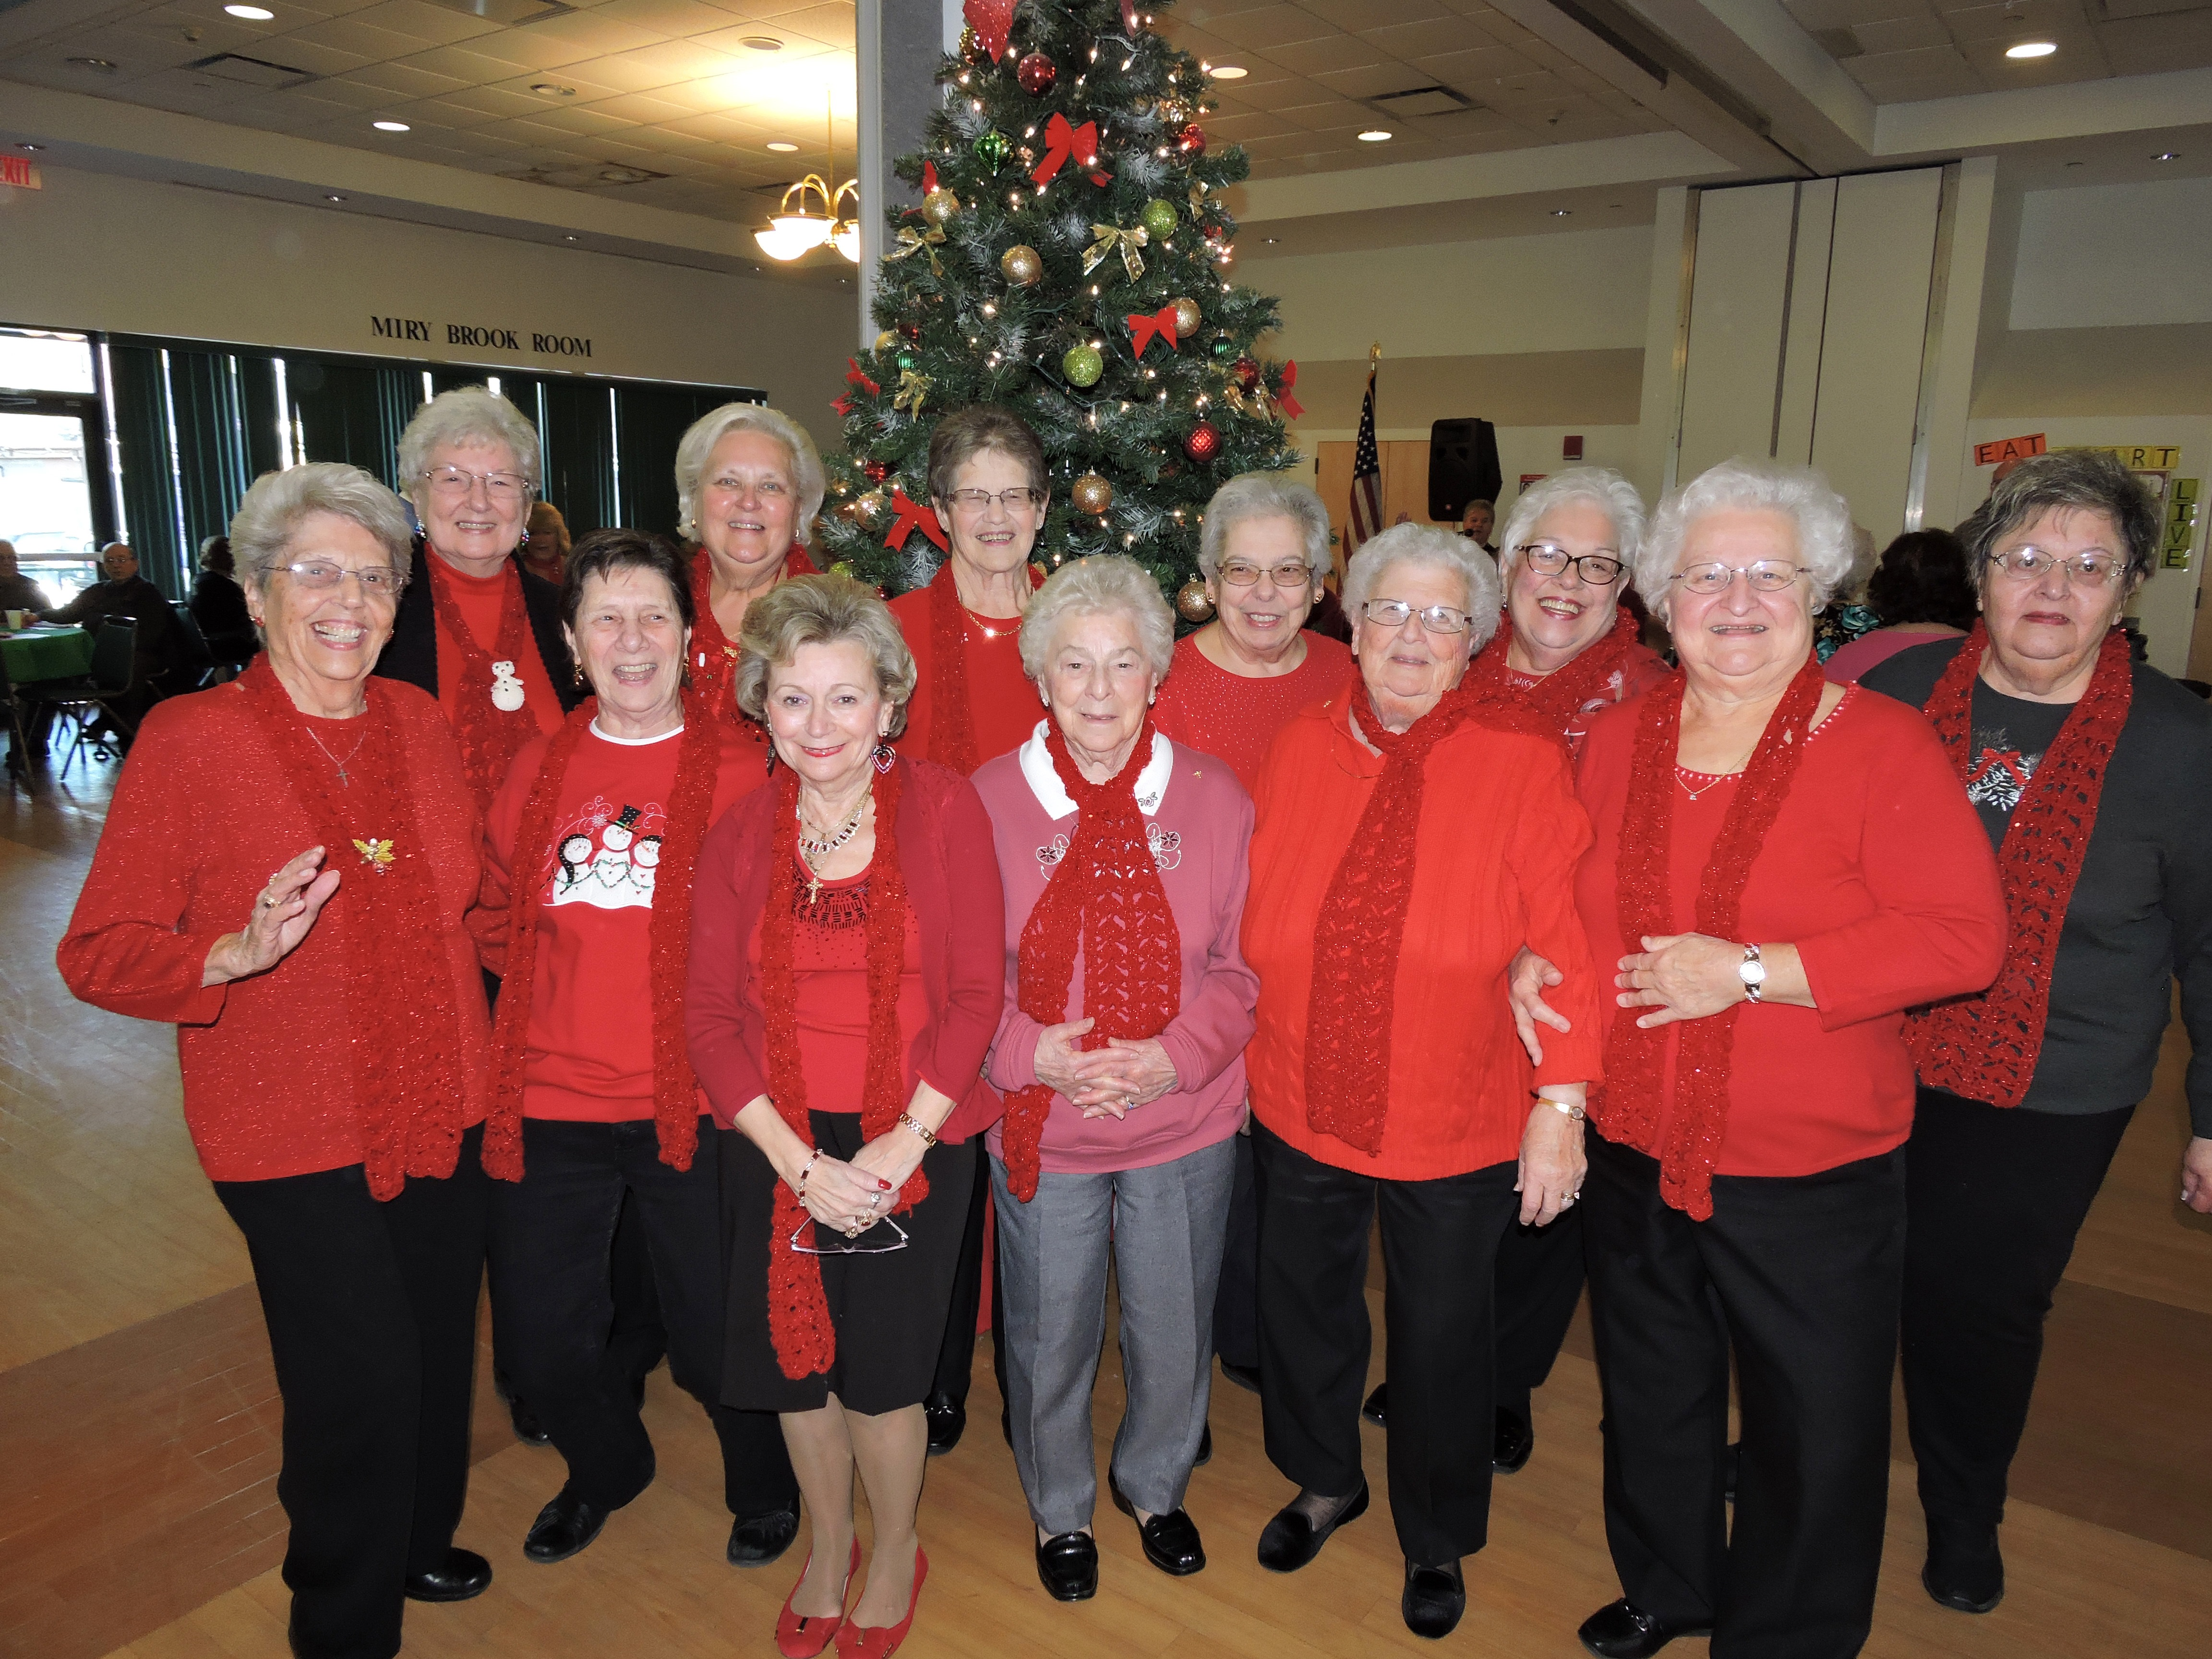 generous group of ladies spreading cheer around the tree | danbury